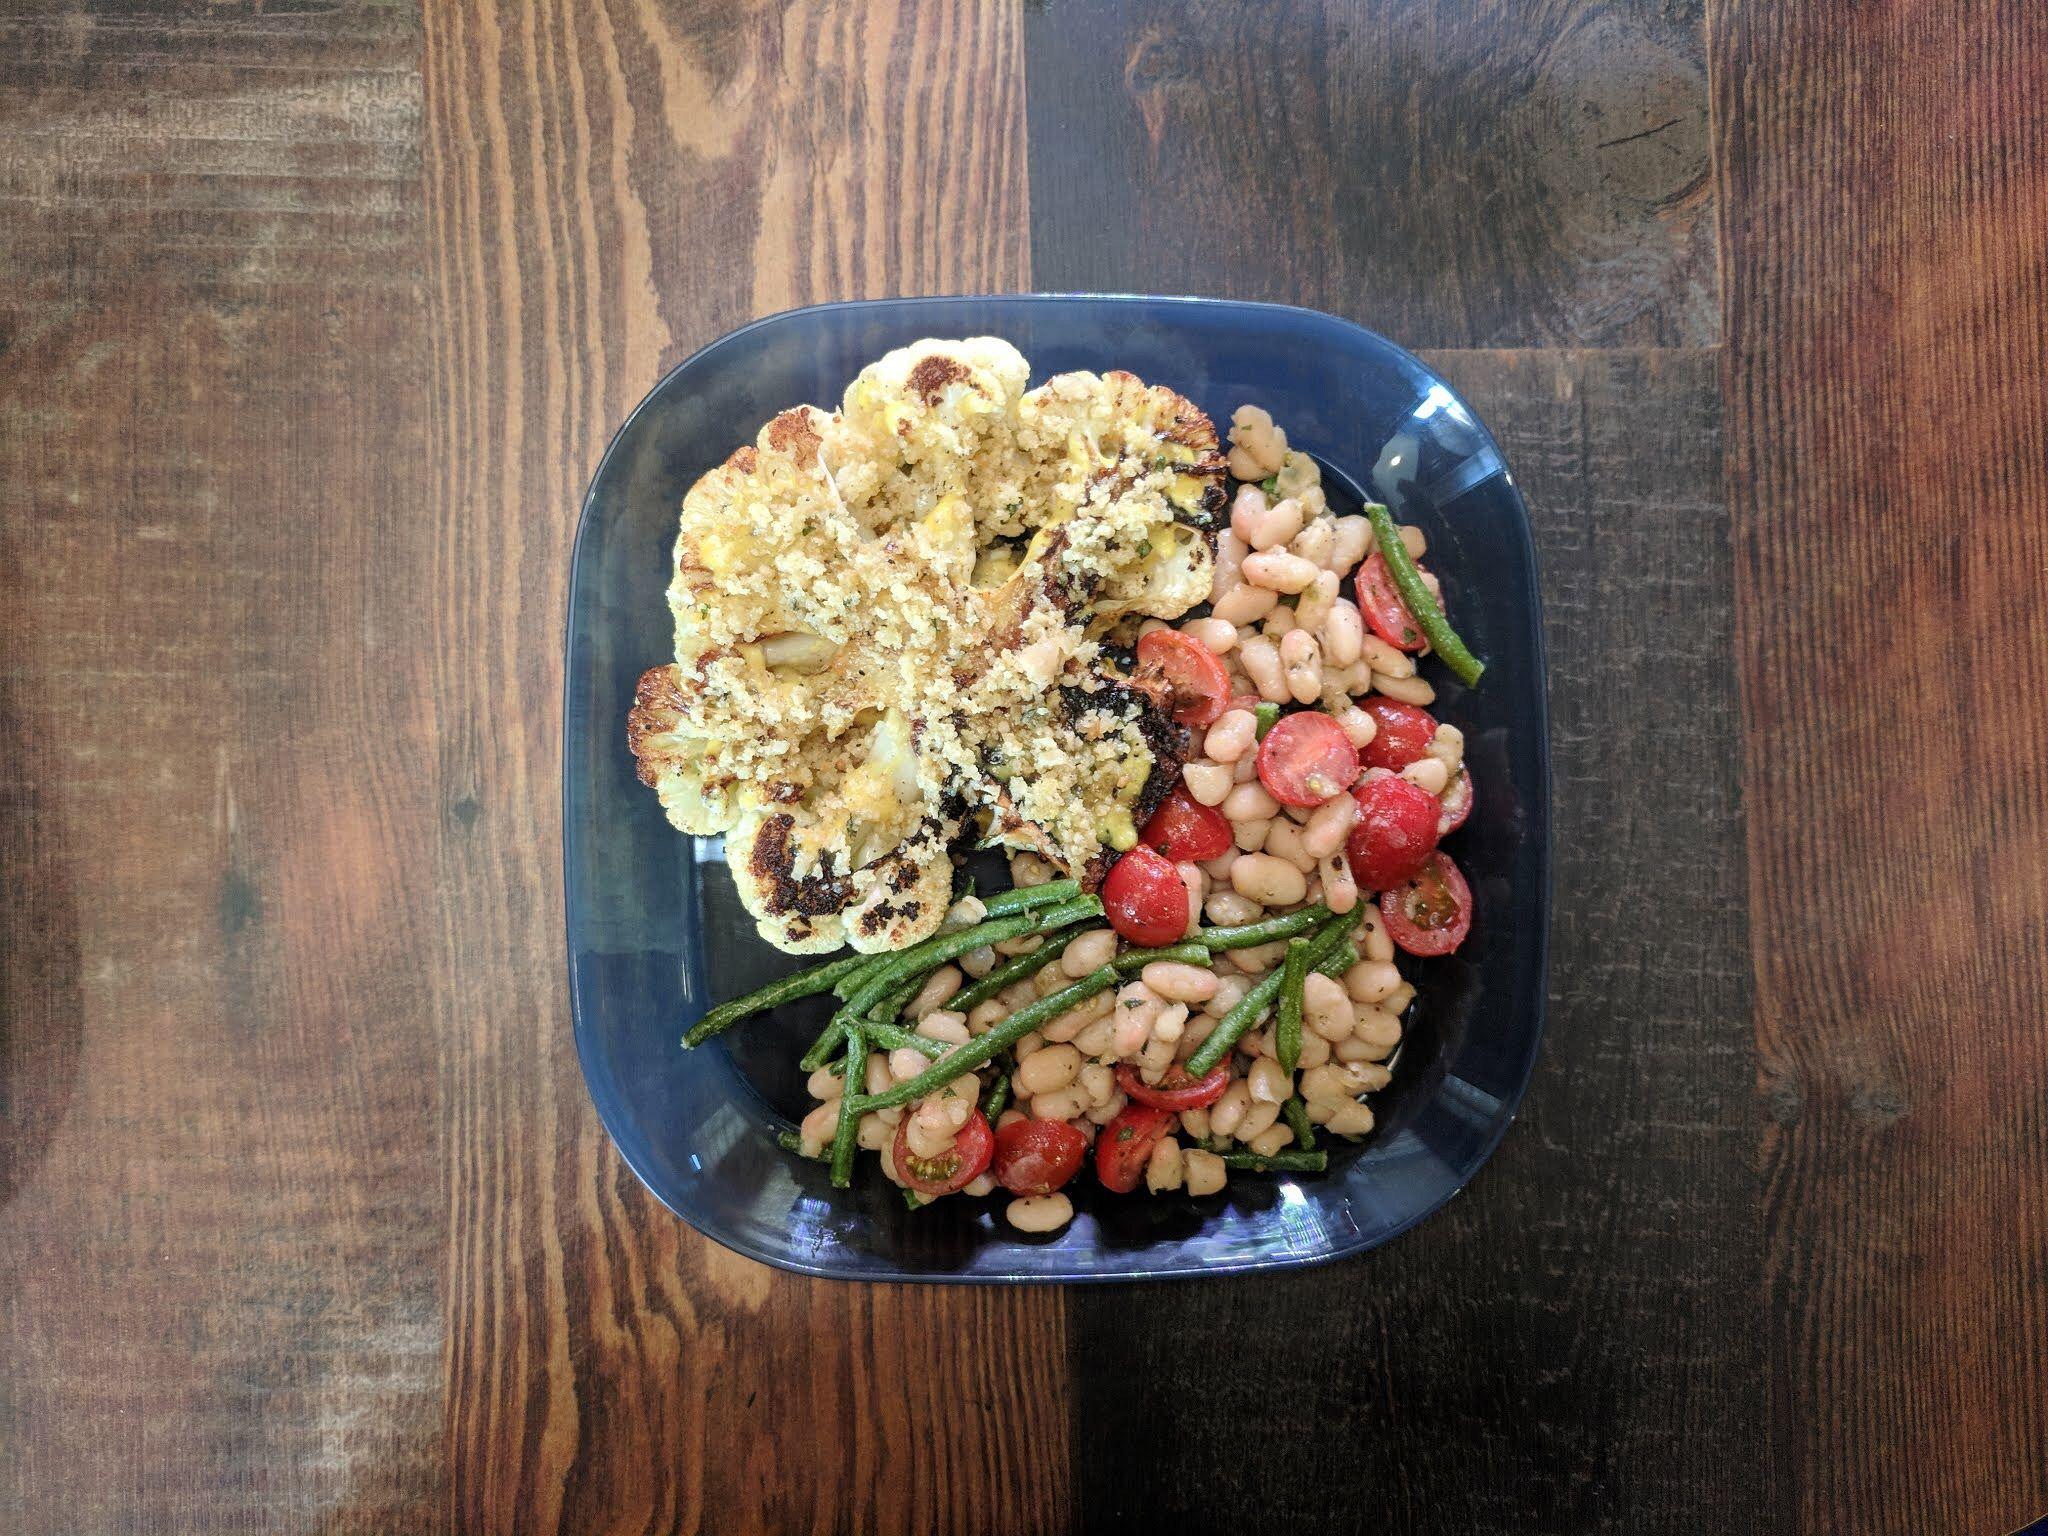 Cauliflower Steak with Bean Salad